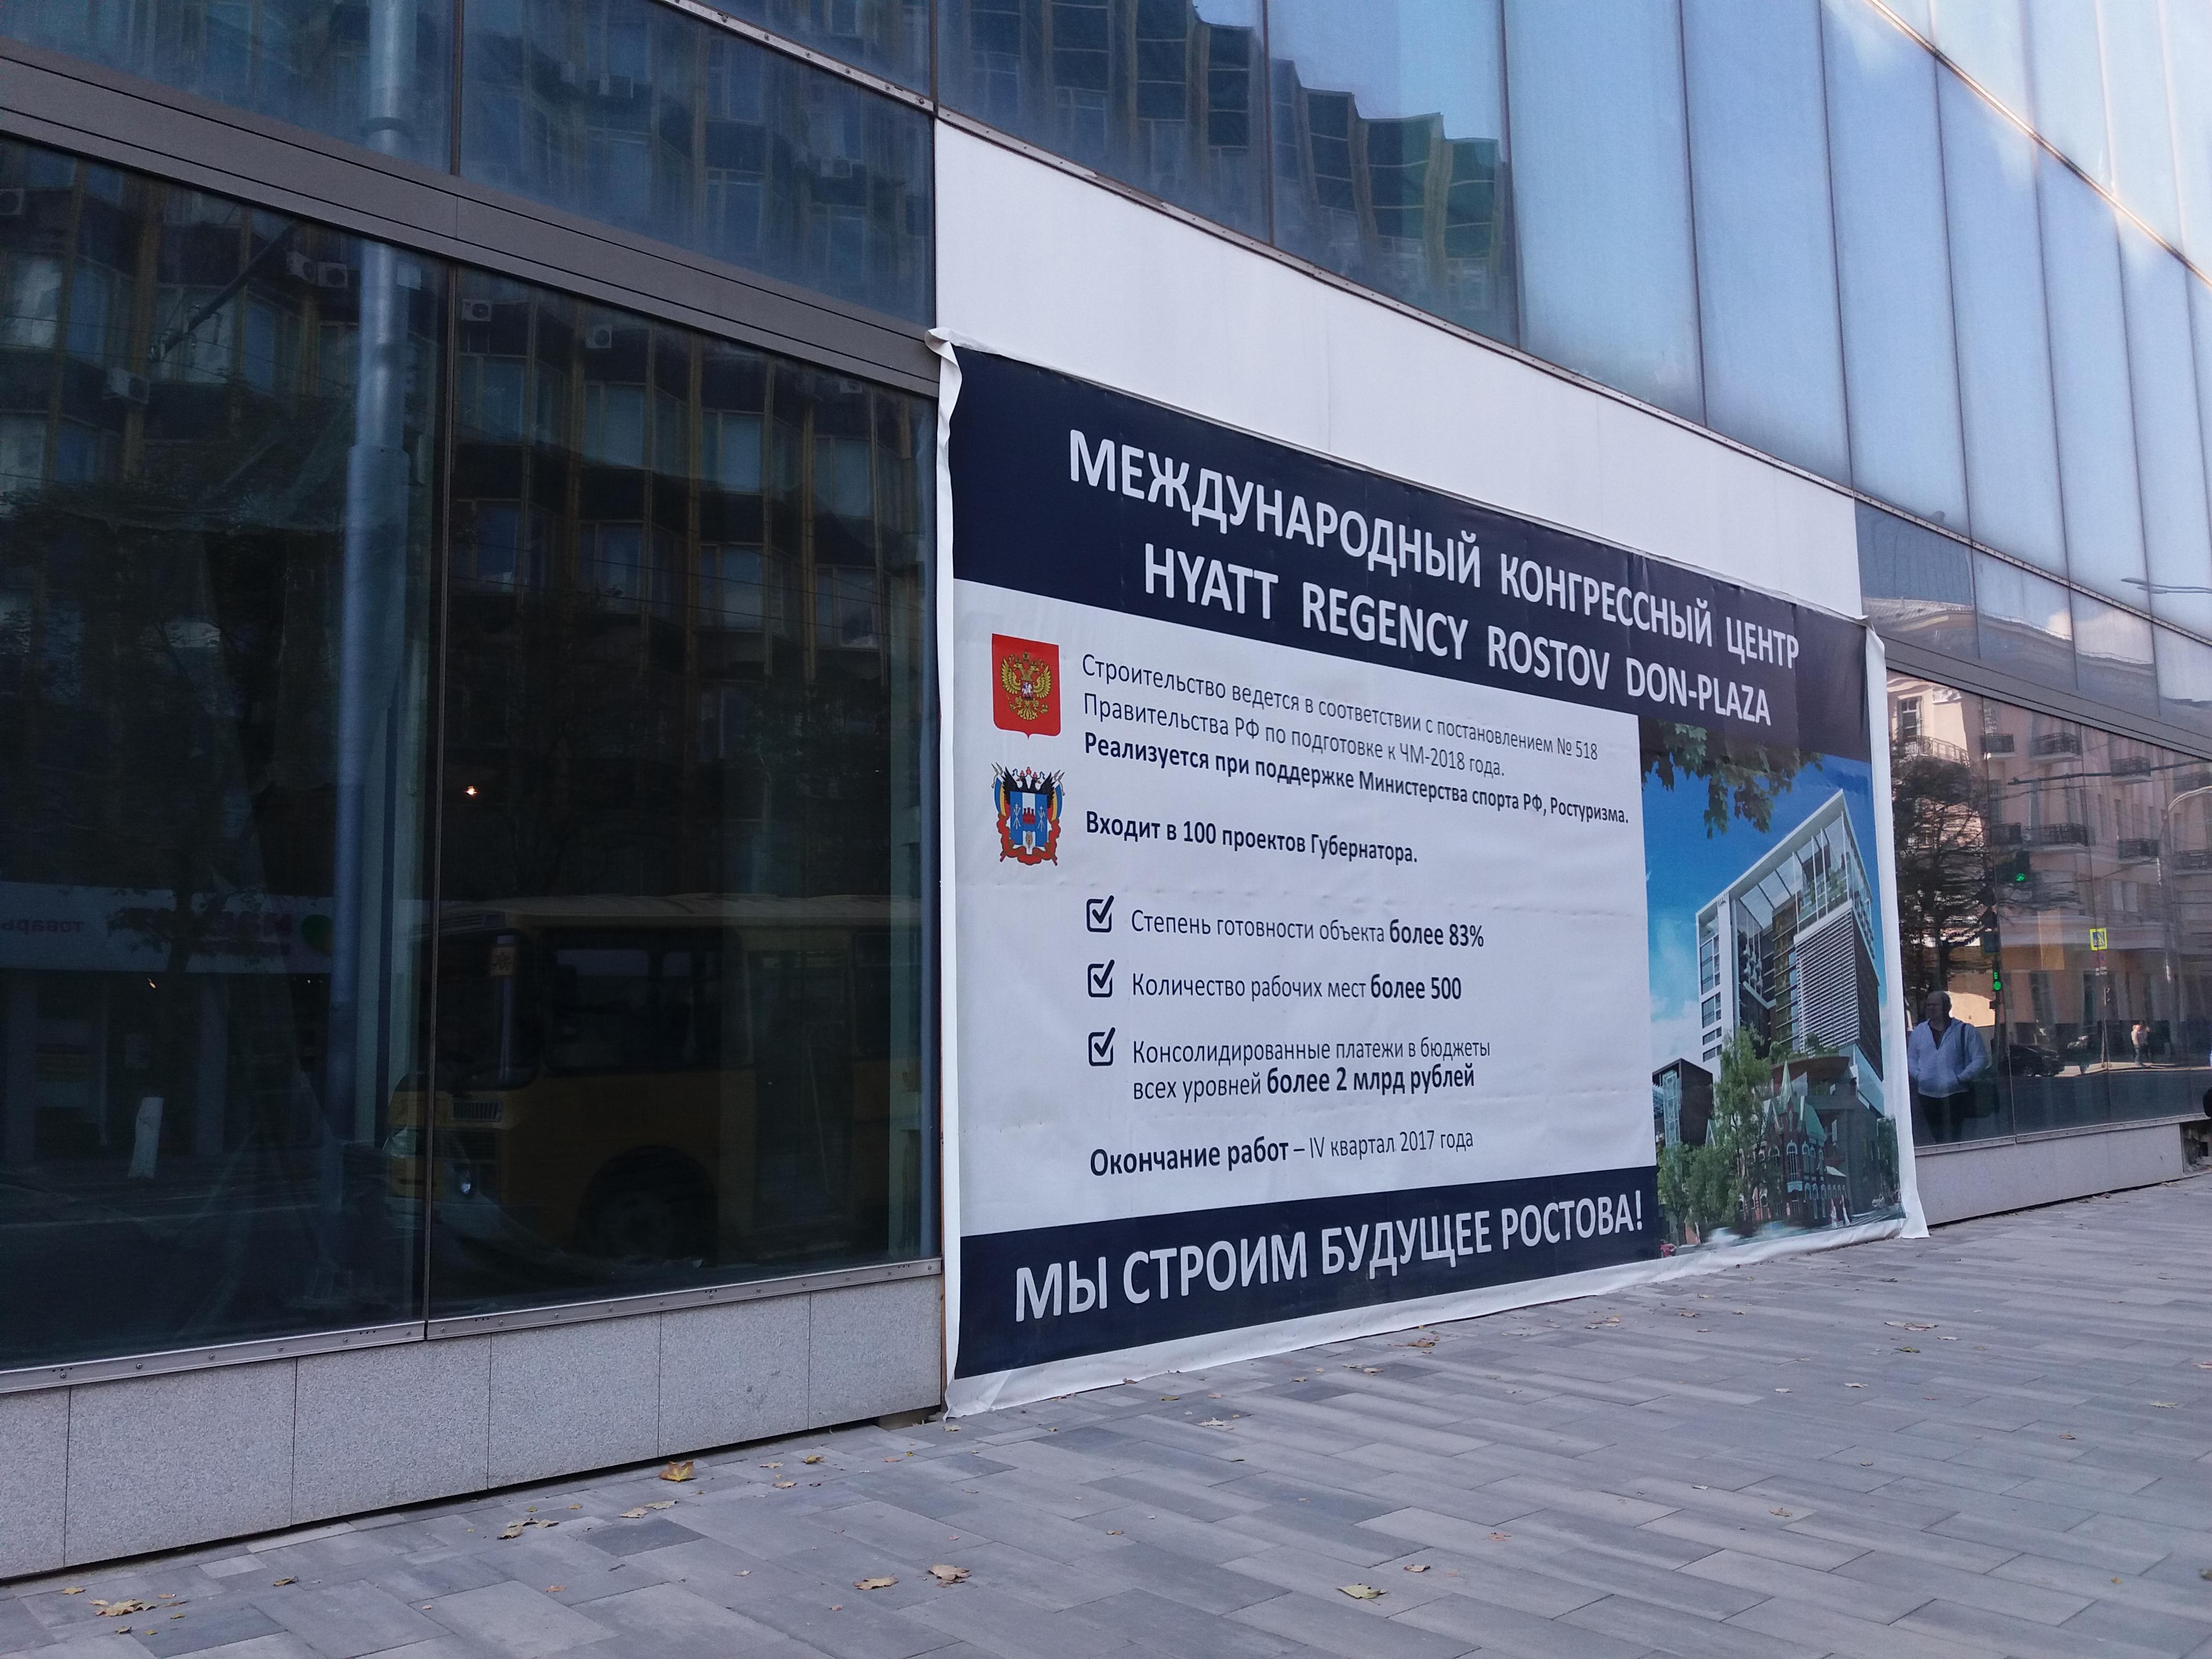 Внешэкономбанк возобновляет финансирование строительства гостиницы «Хаятт»